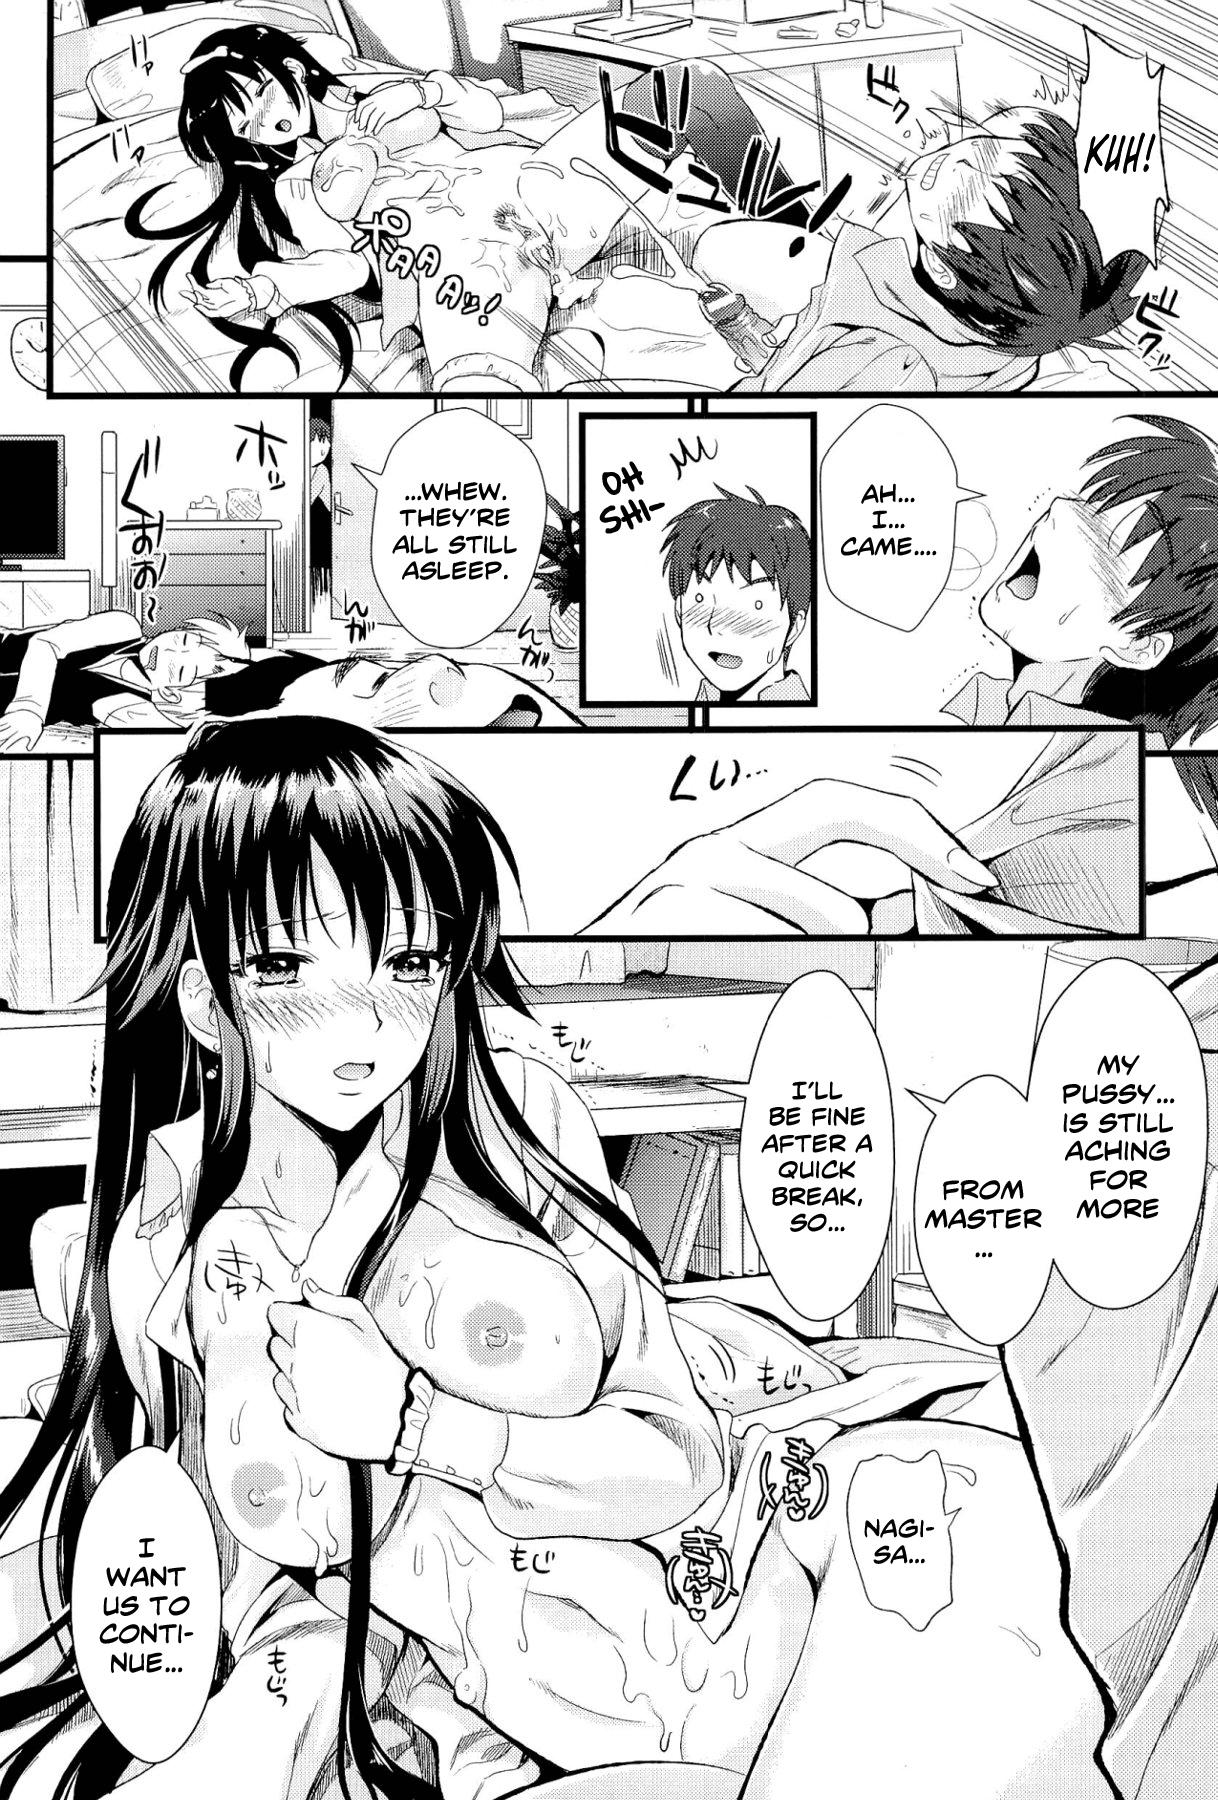 [Kojima Saya] Boku to Kanojo no Shujuu Kankei - Me And Her Master-Servant Relationship Ch. 1-3 [English] [freudia] 30